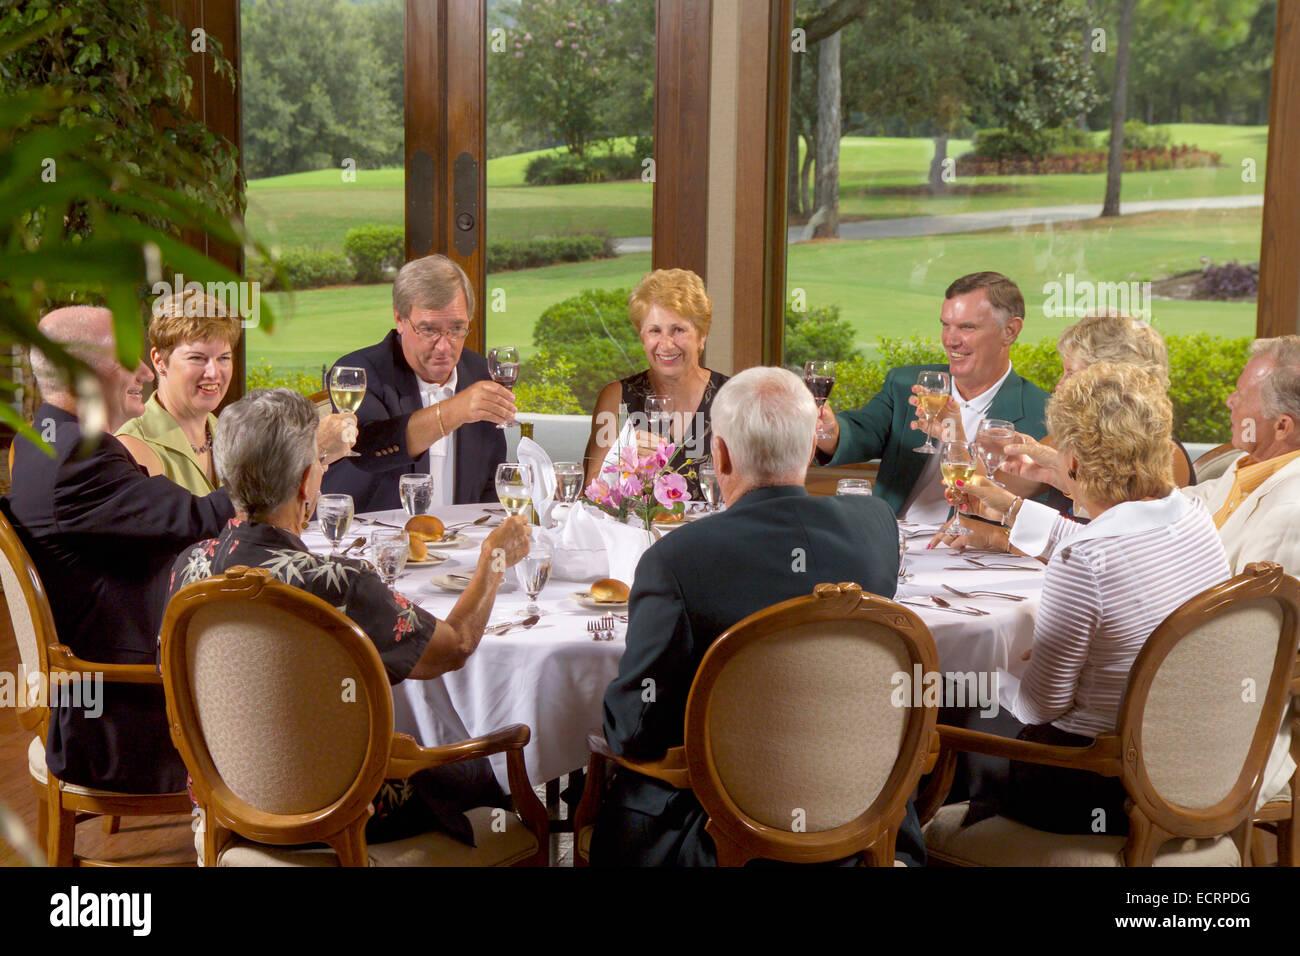 Un gruppo di cittadini anziani pasti presso il country club. Immagini Stock